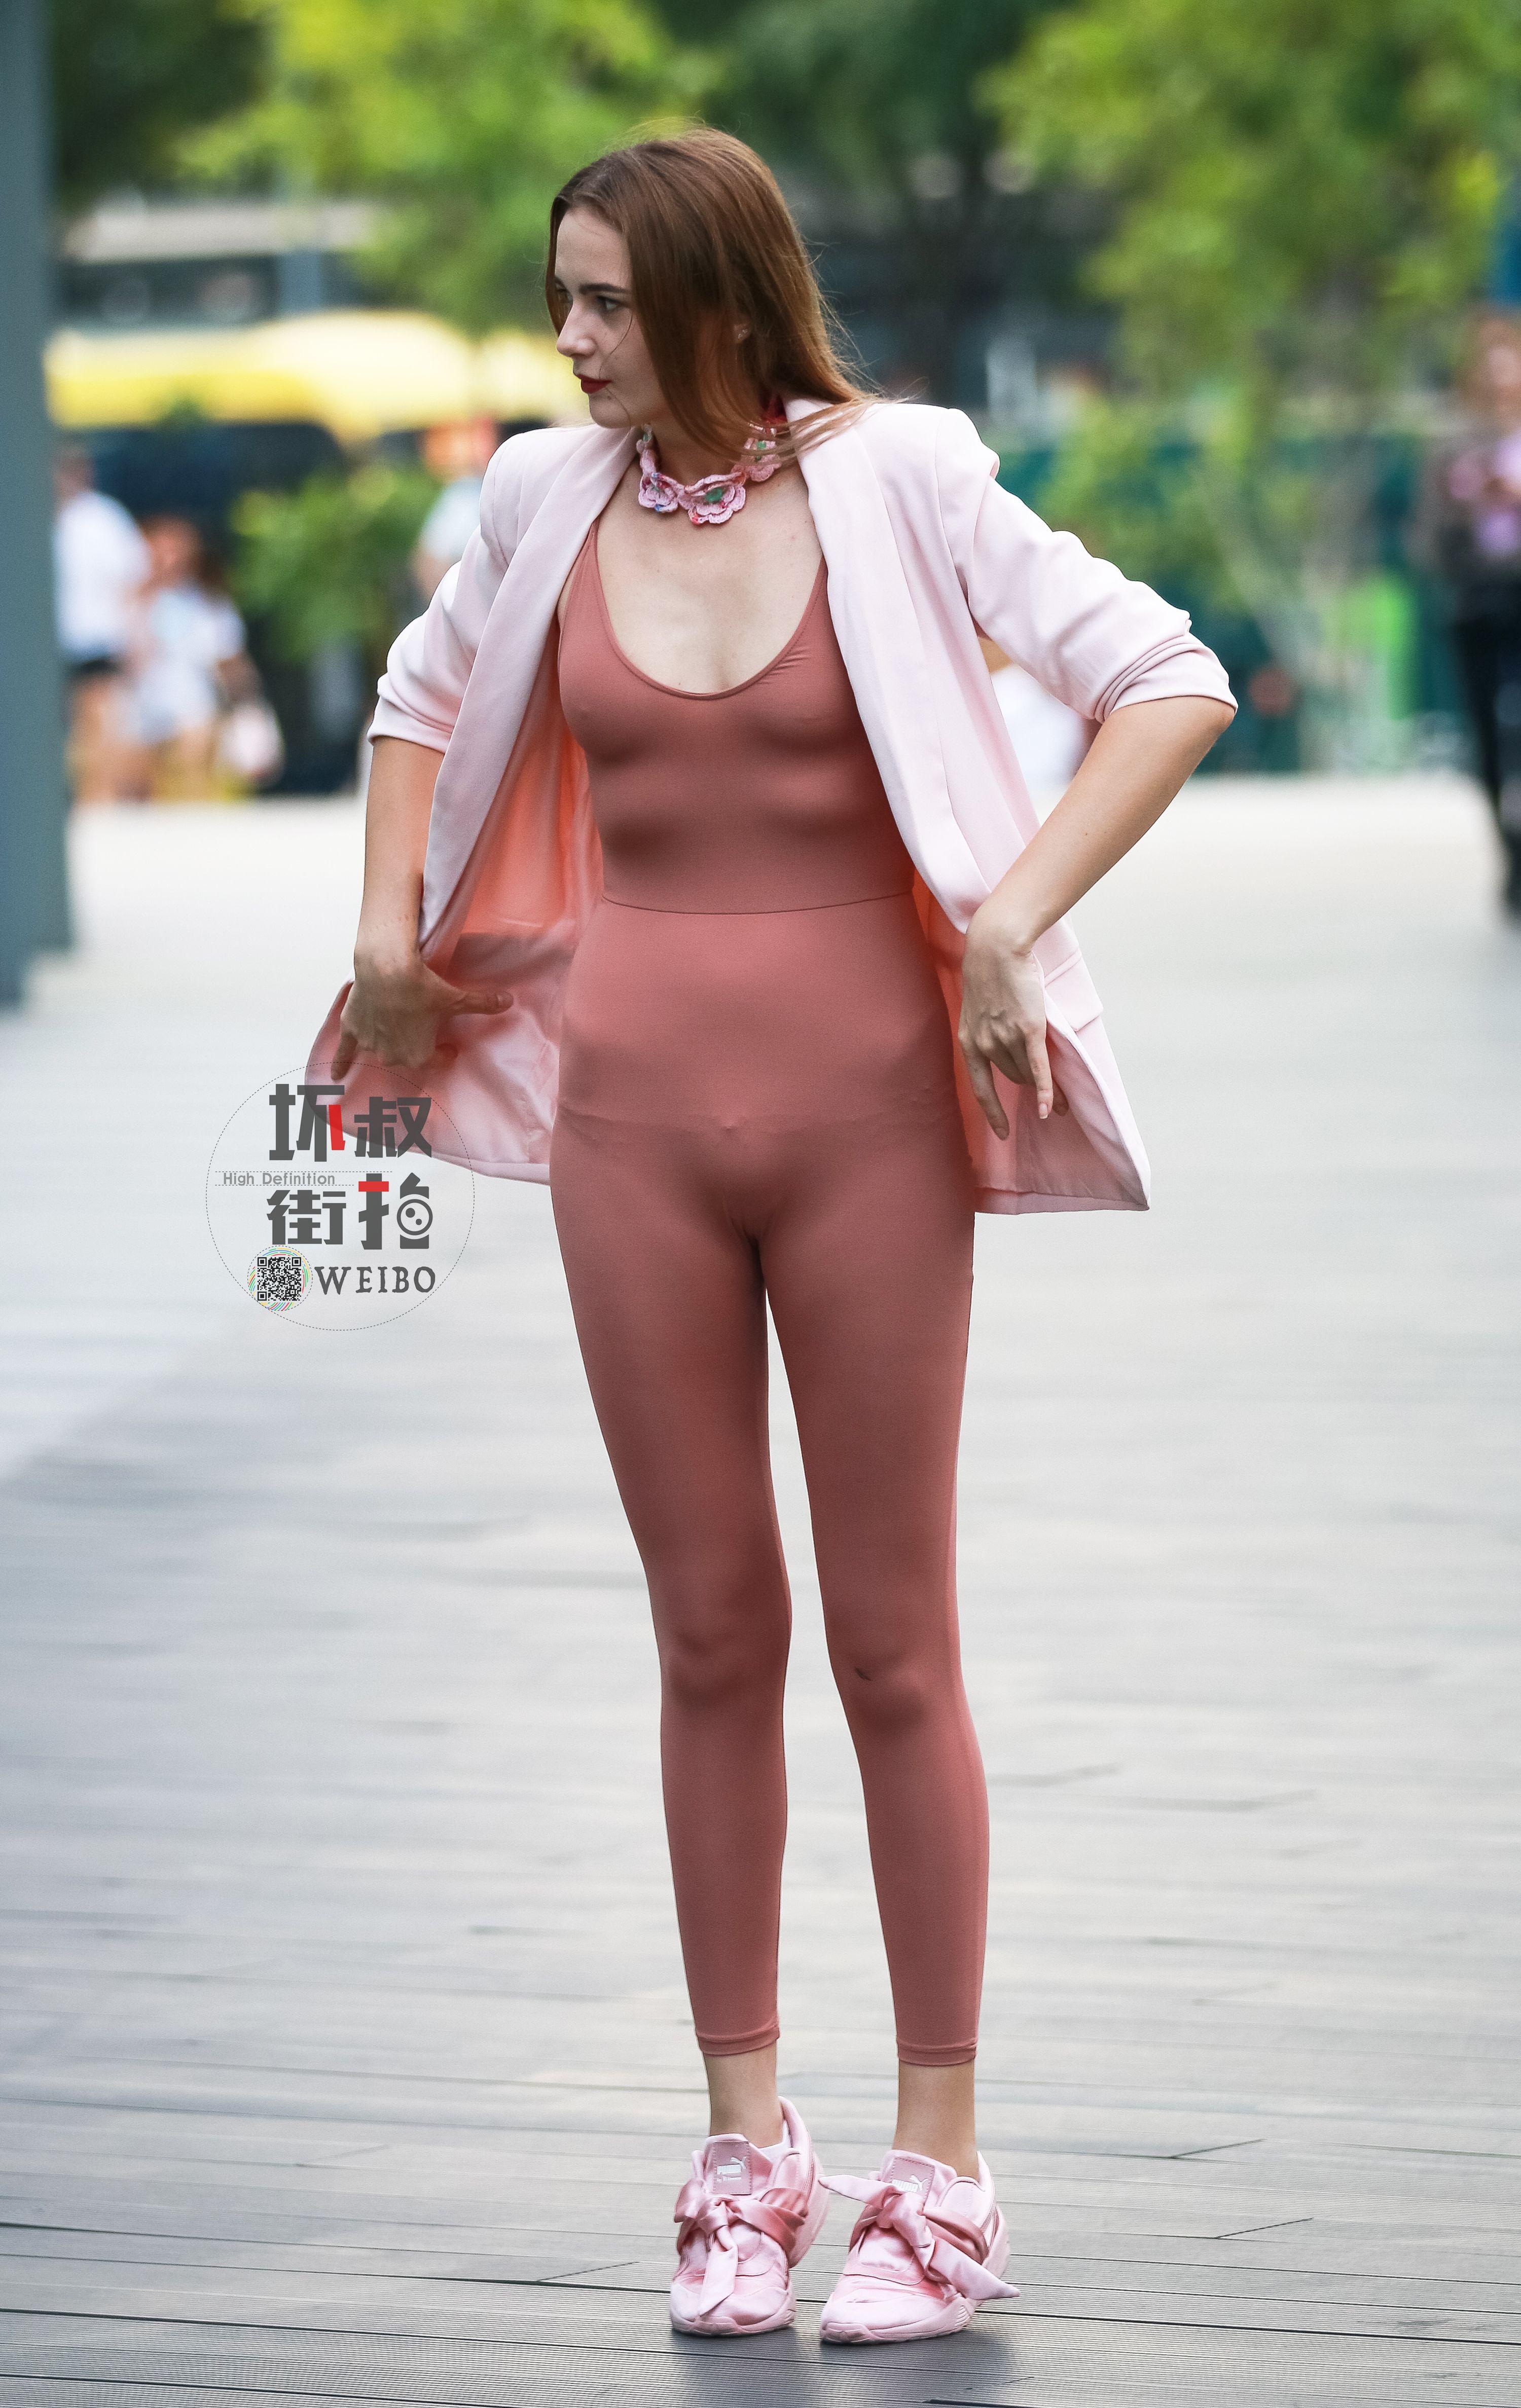 Pin Oleh Tony Chu Di Xinh Qua Pakaian Celana Ketat Wanita